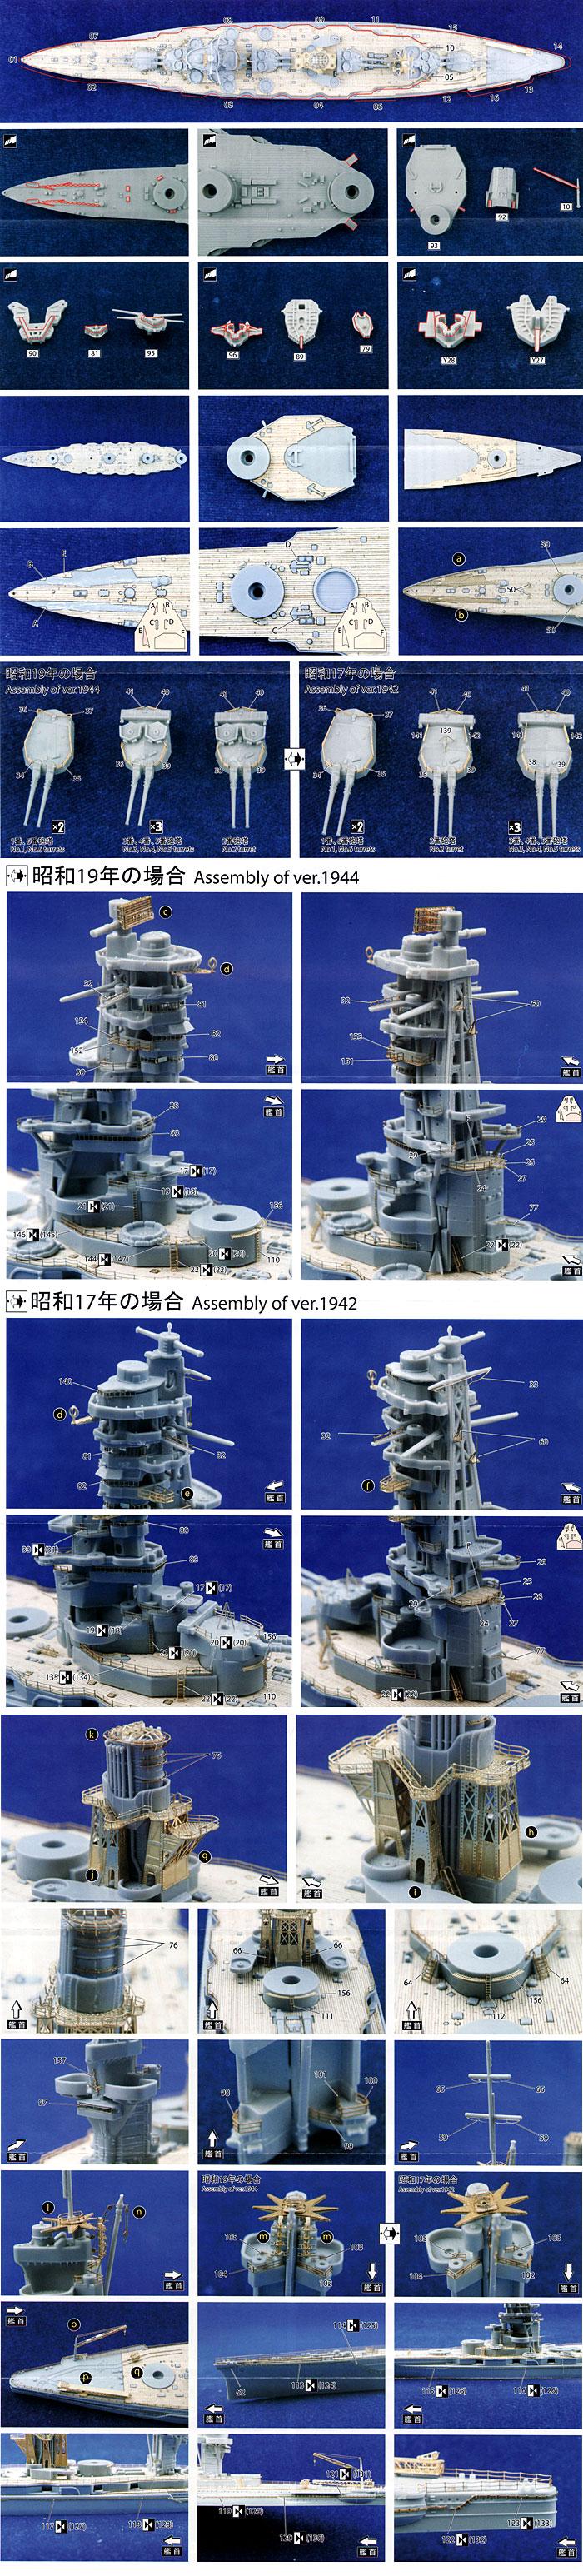 日本海軍戦艦 山城 1944 リテイク専用 甲板シート & エッチングセット甲板シート(アオシマ1/700 ウォーターライン ディテールアップパーツNo.0004609)商品画像_2